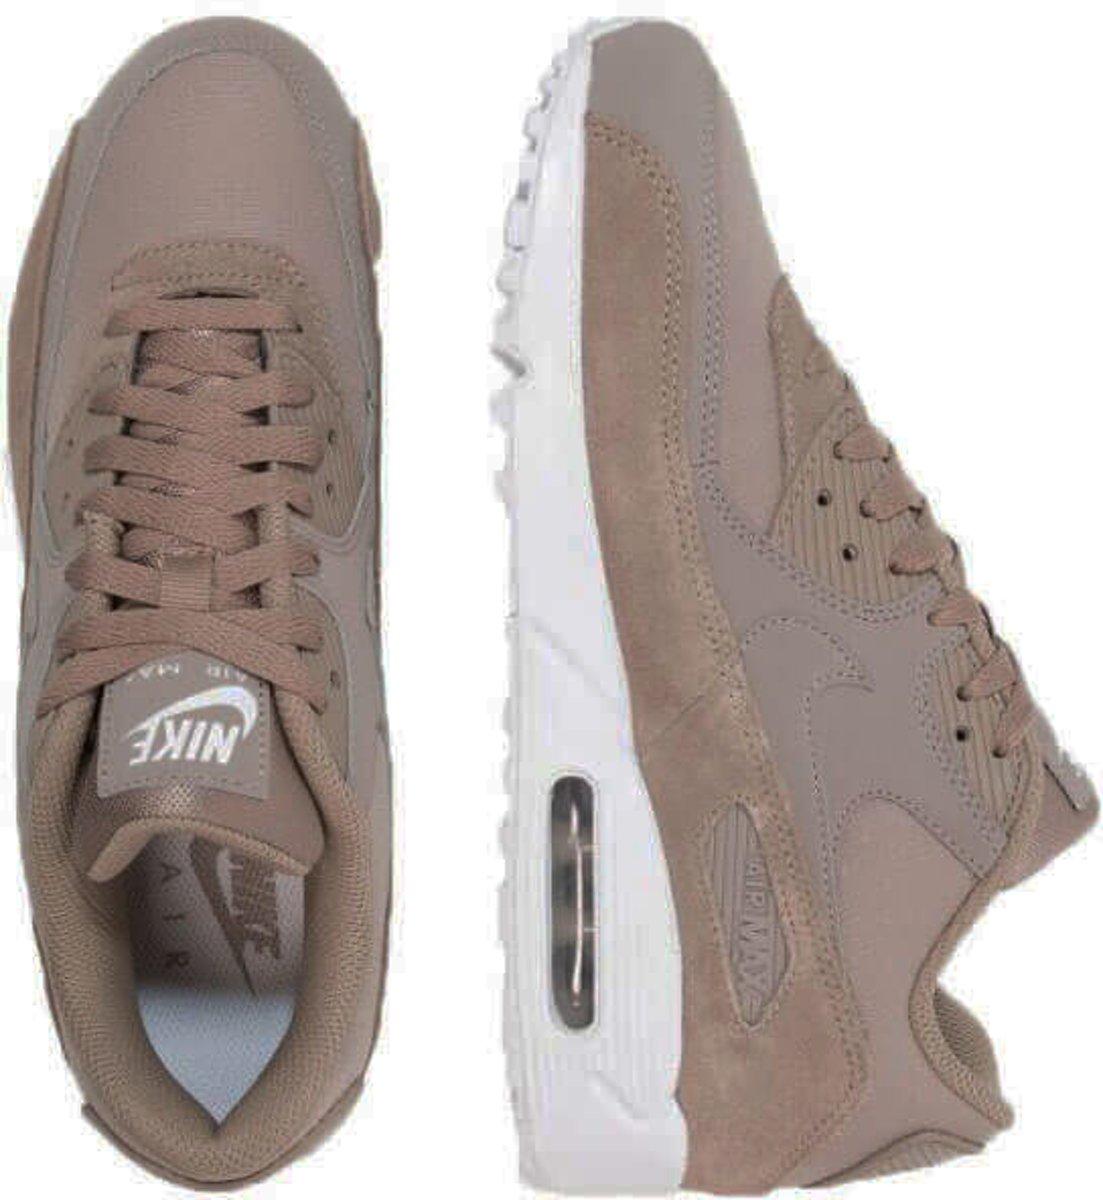 Nike Air Max 90 Essential Sepia Stone AJ1285 200 Bruin